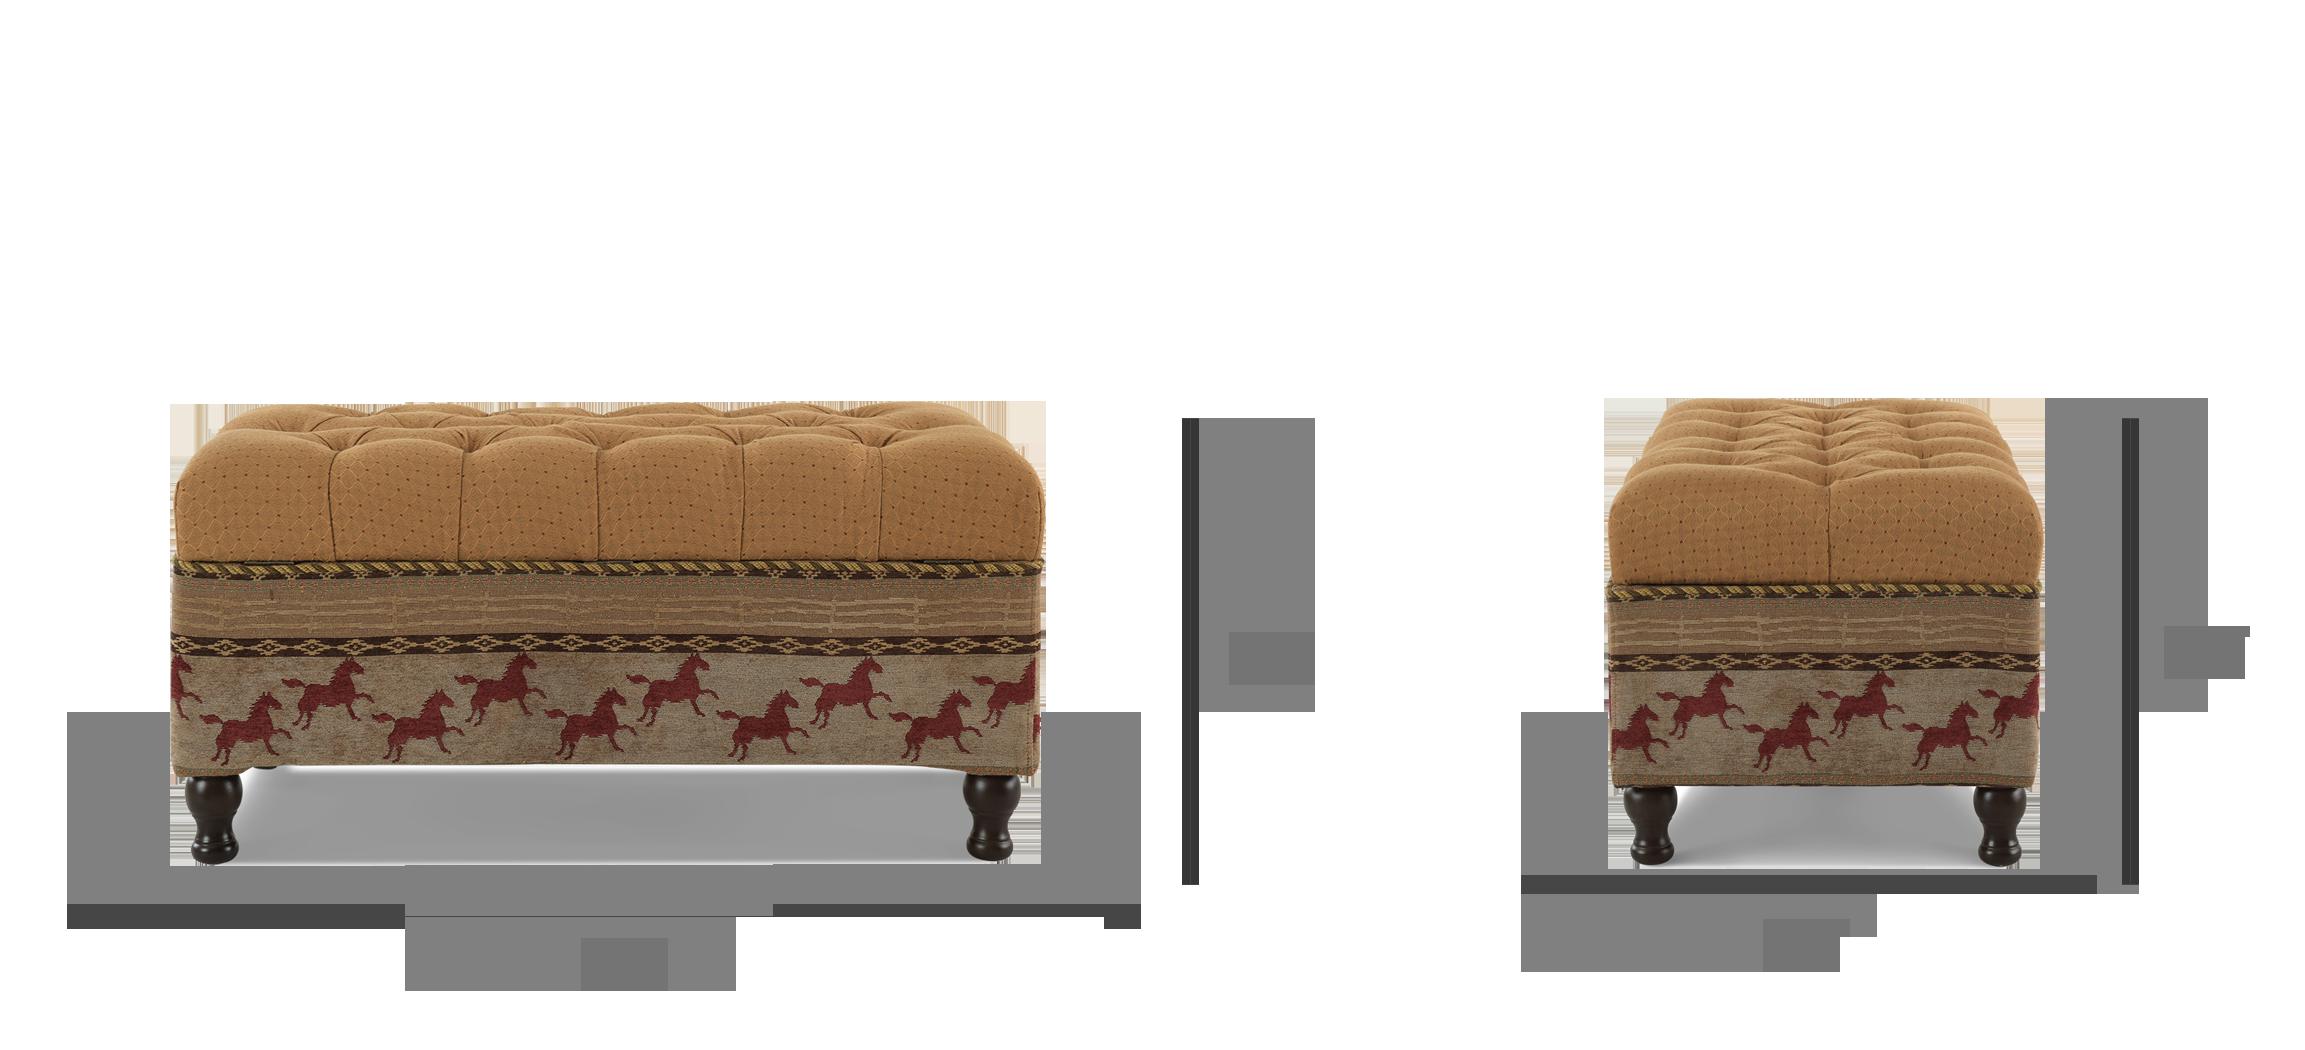 Equestrian Entryway Storage Bench